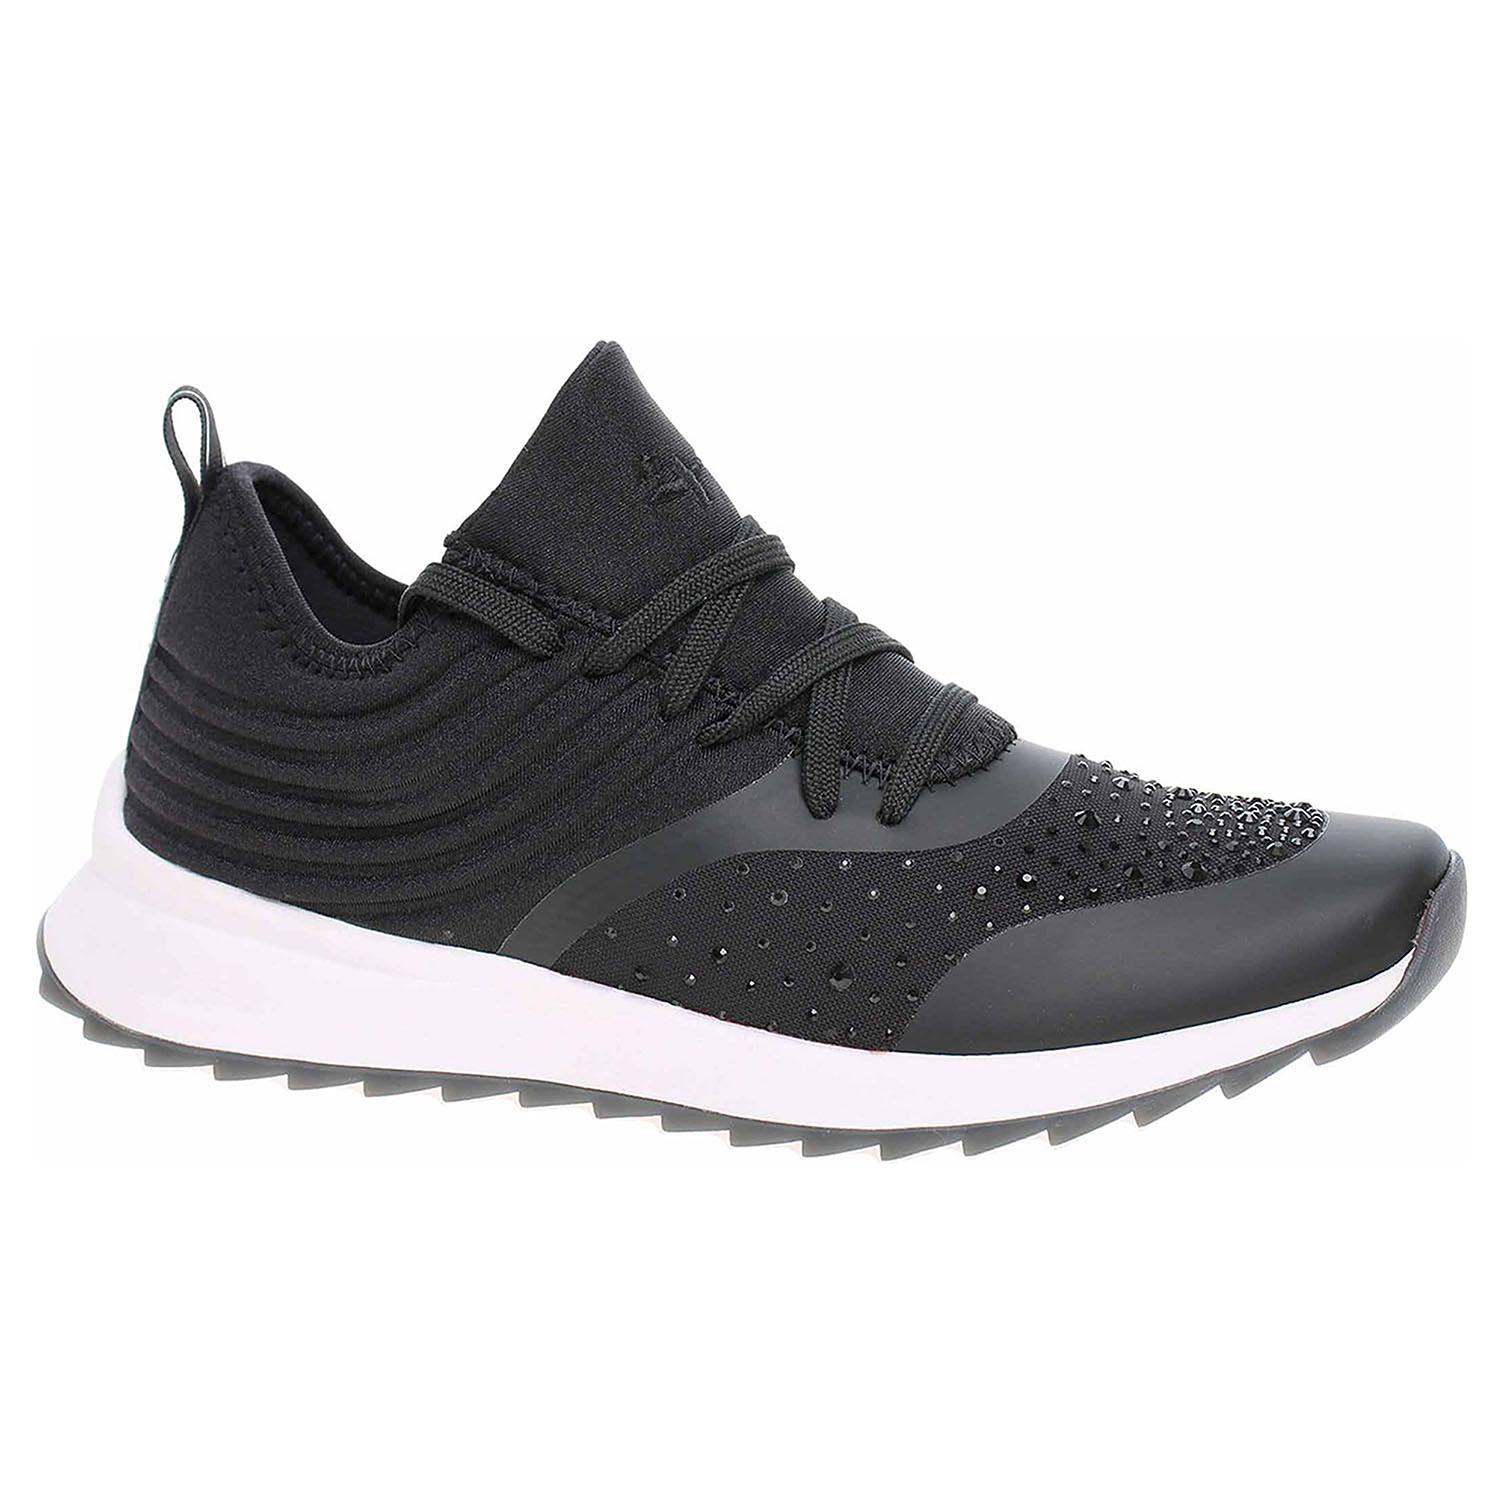 Dámská obuv Tamaris 1-23707-23 black 1-1-23707-23 001 37